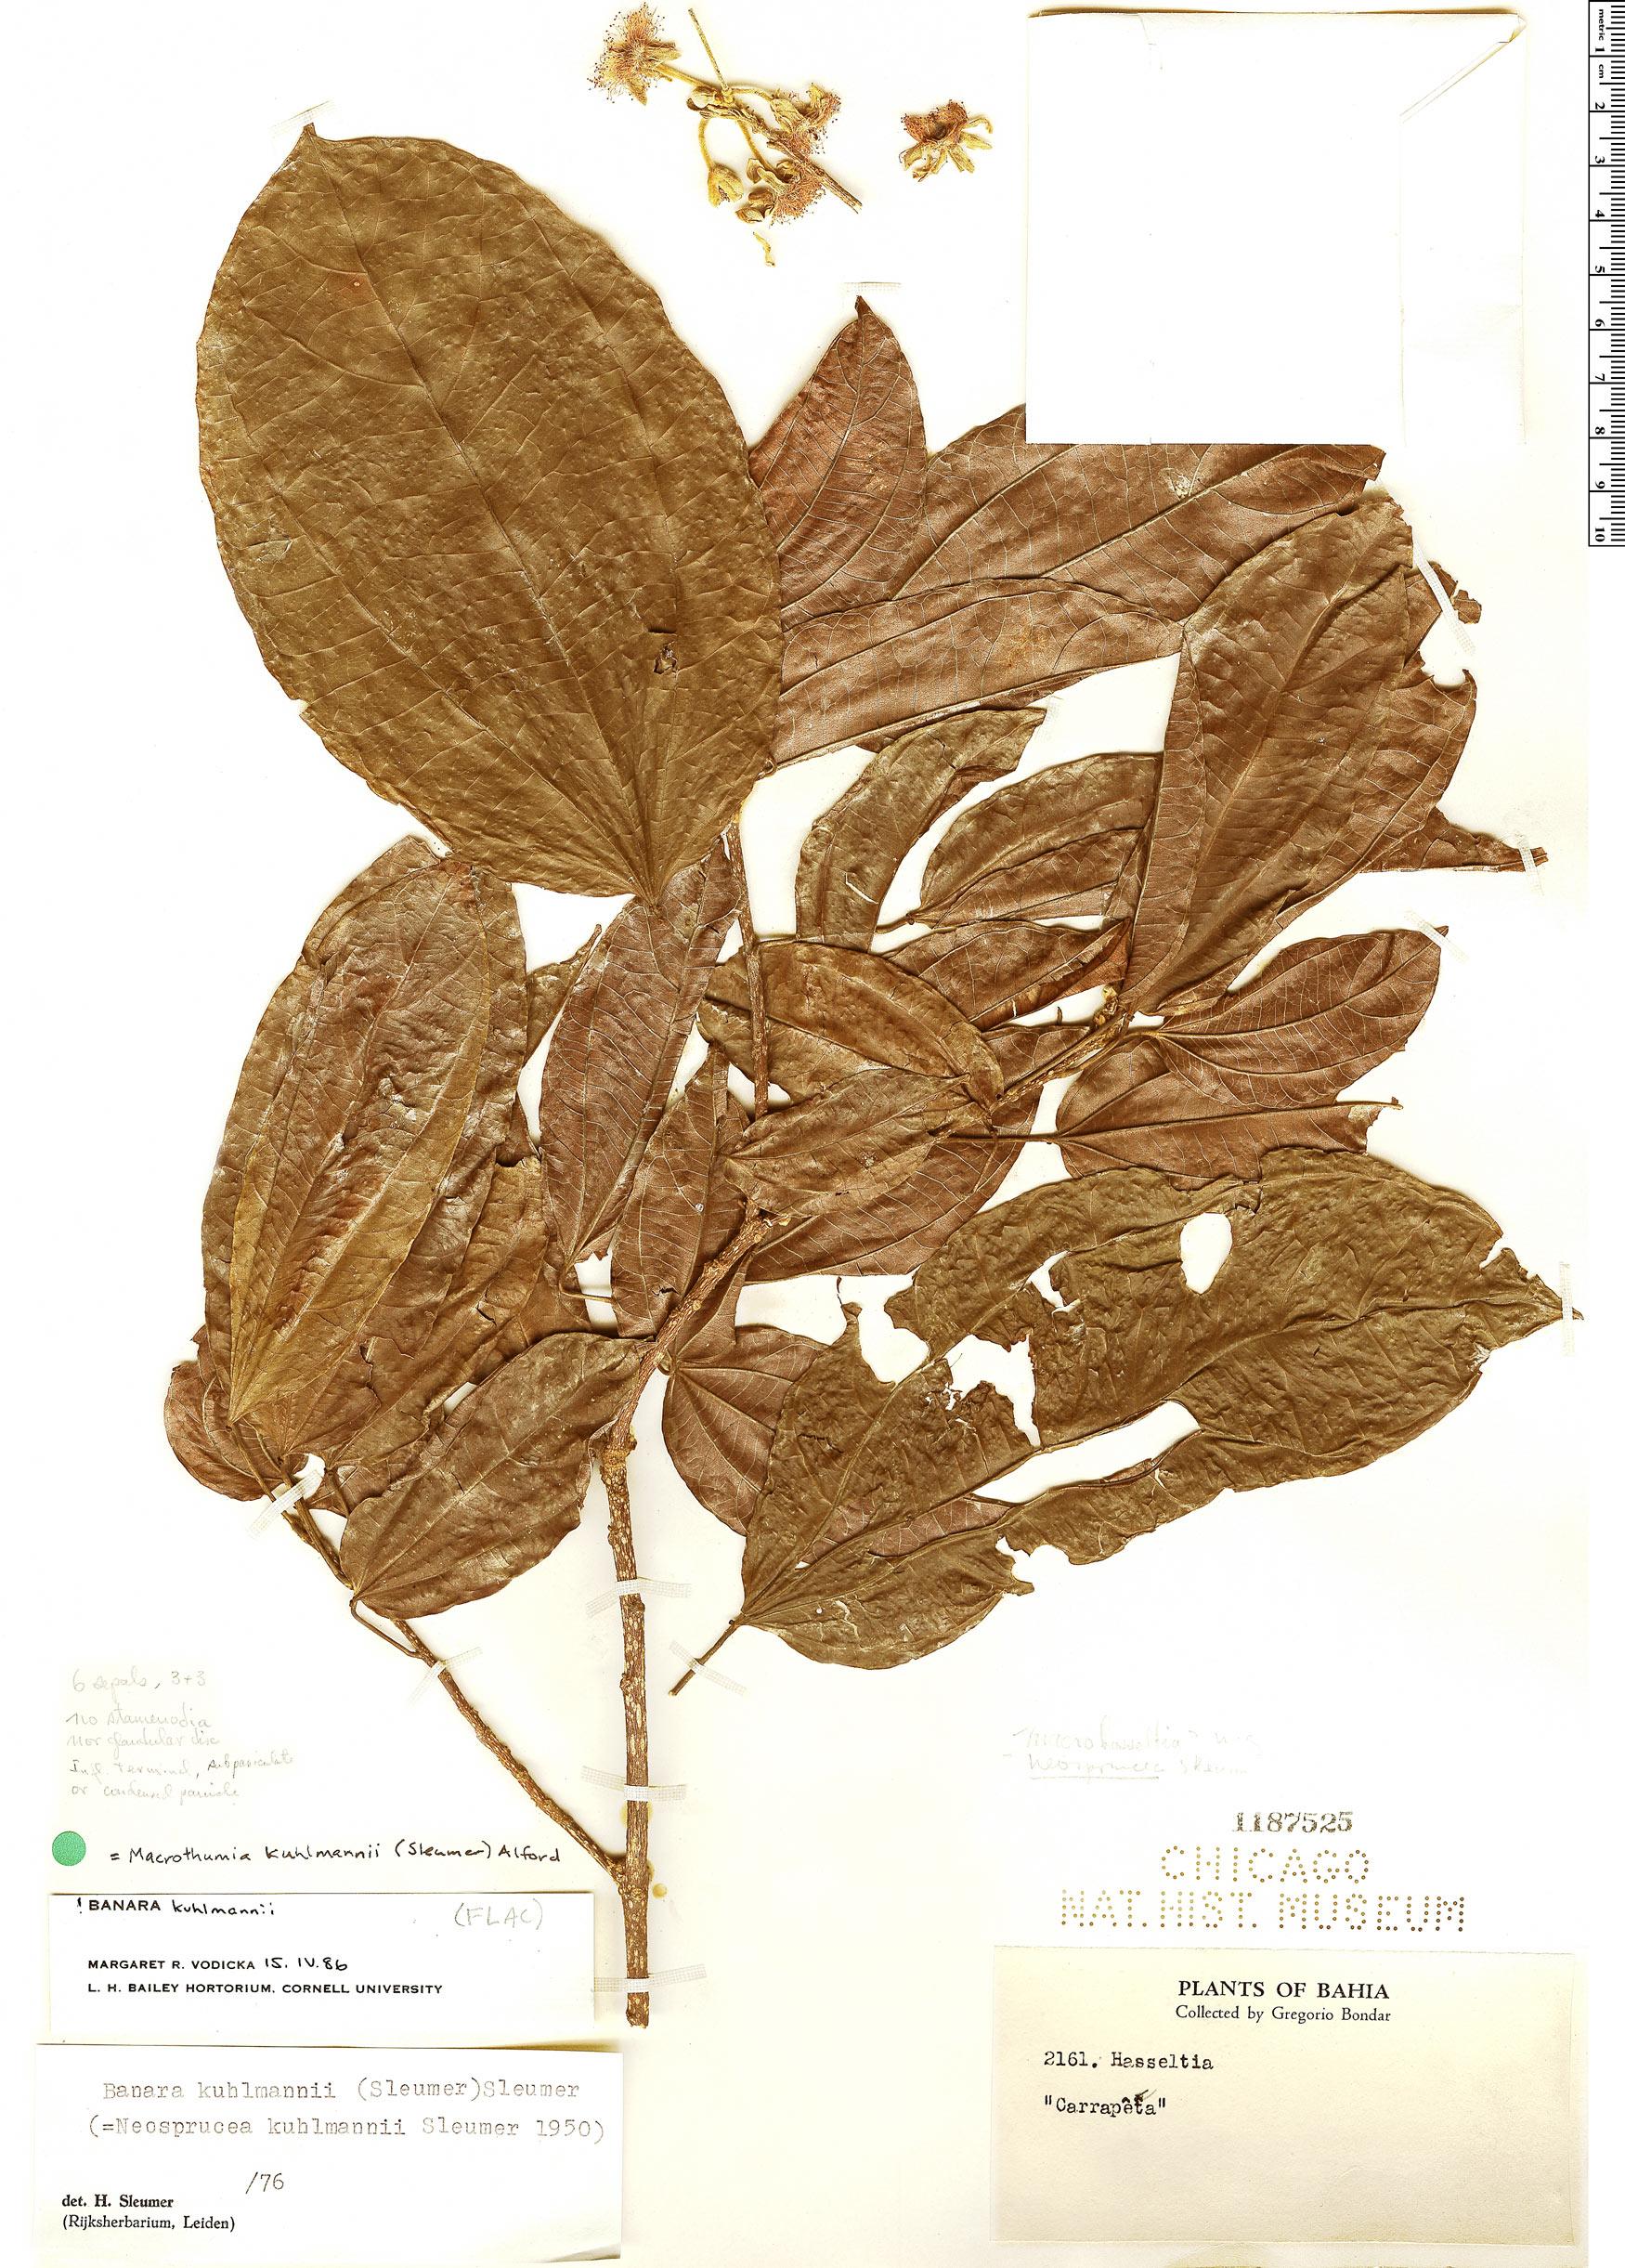 Specimen: Macrothumia kuhlmannii